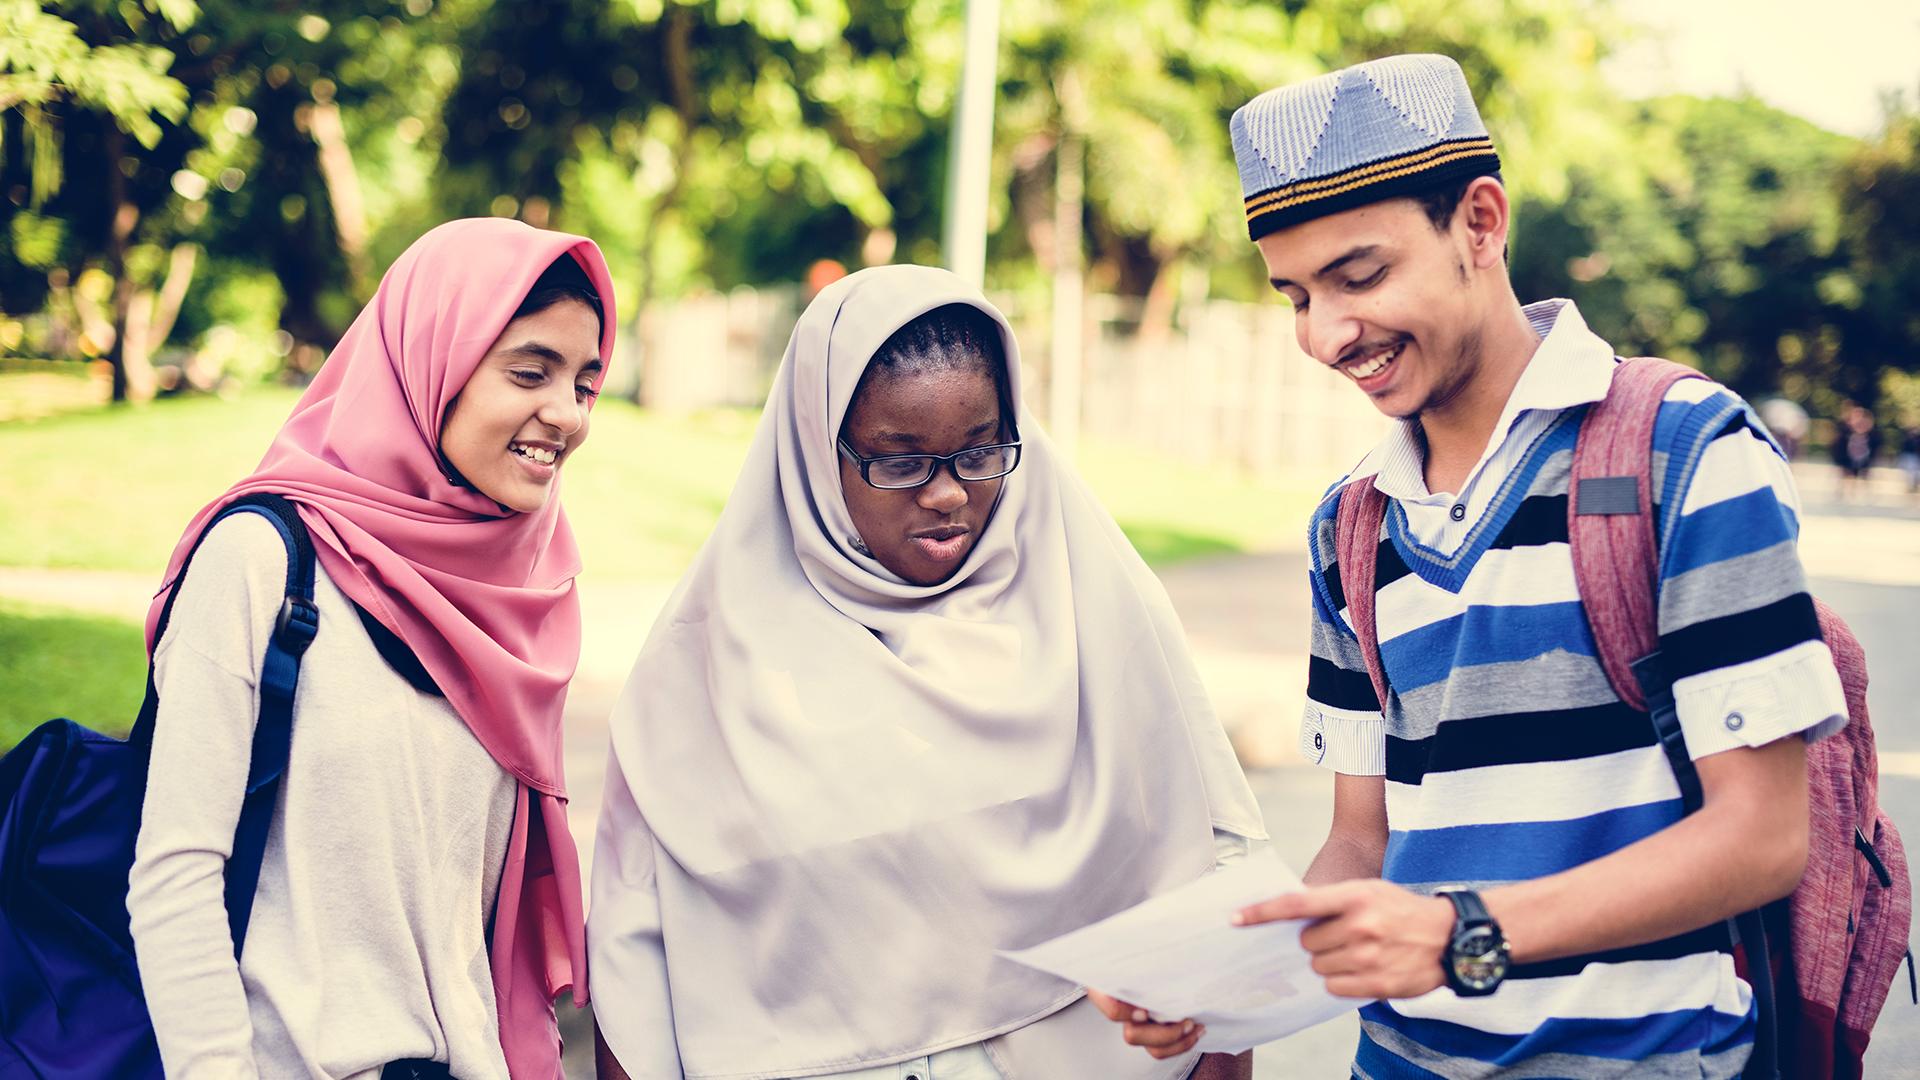 Foto de un grupo diverso de dos mujeres jóvenes con pañuelos en la cabeza y un hombre joven con un sombrero mirando un papel.